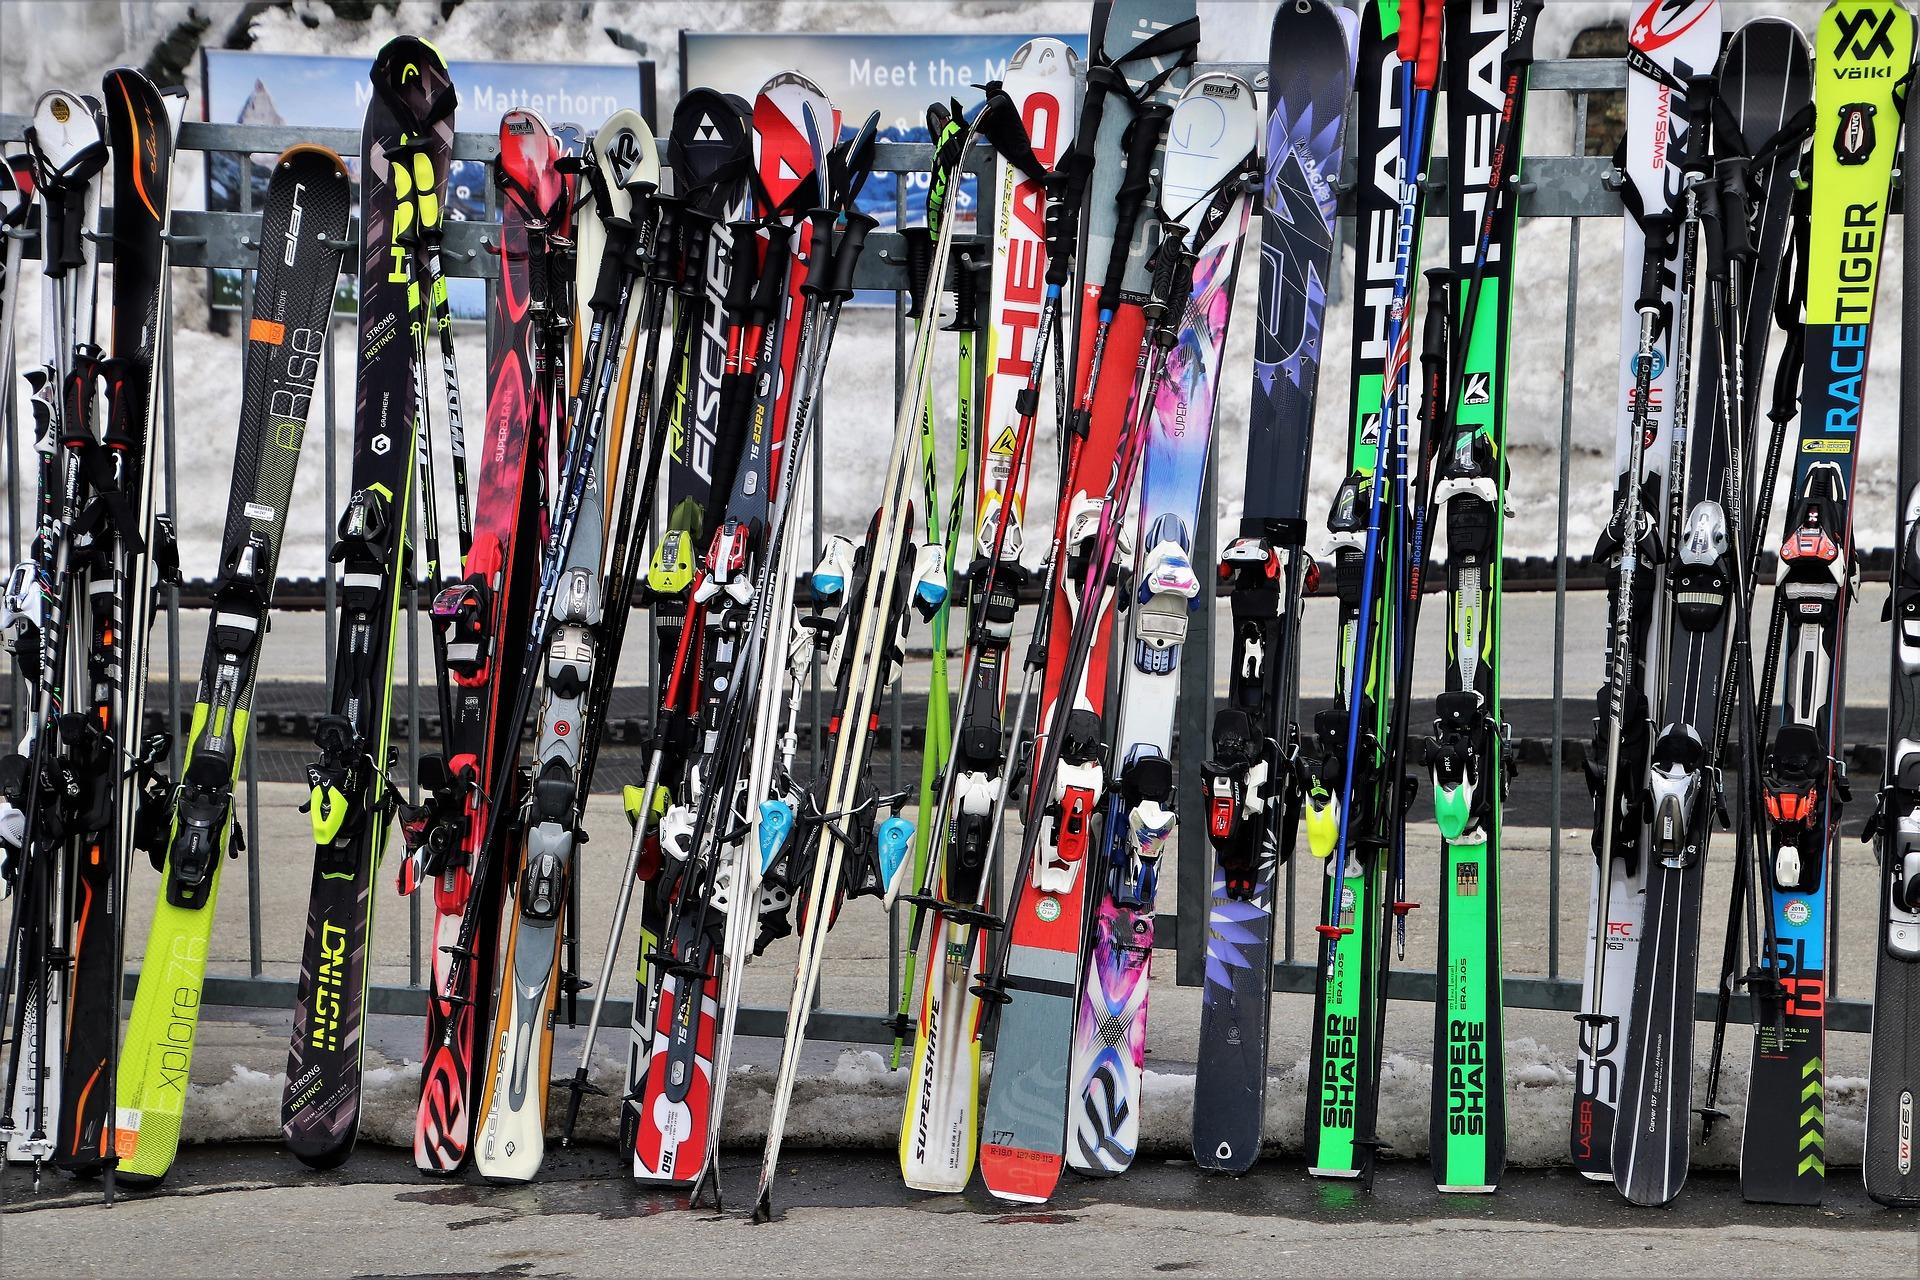 půjčovna lyží